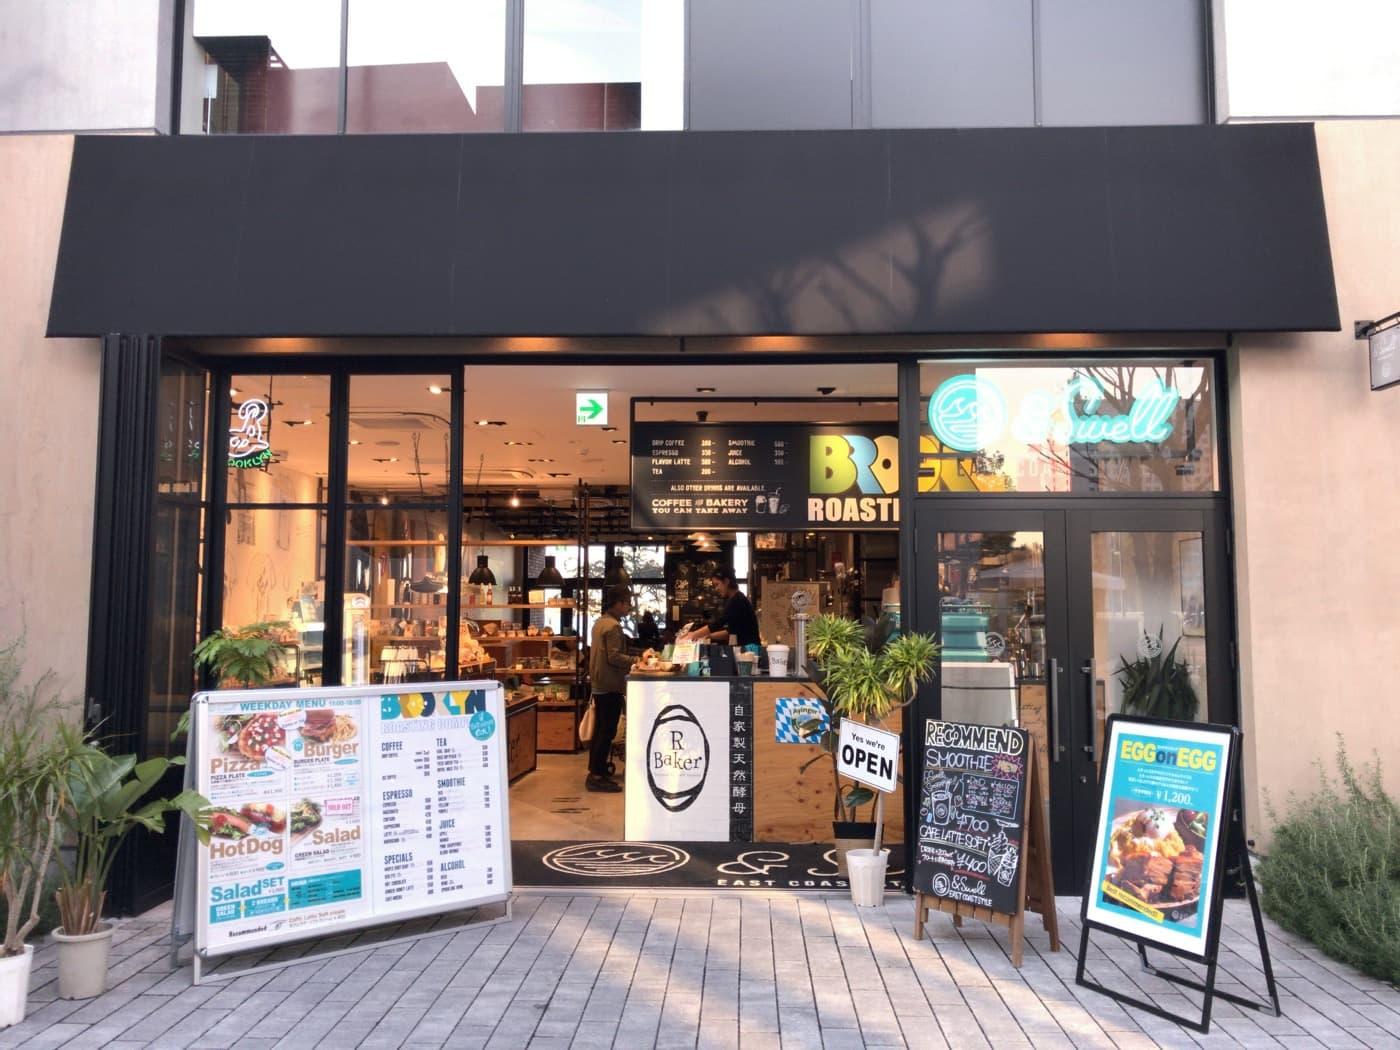 横浜みなとみらいのカフェ「&Swell」の外観